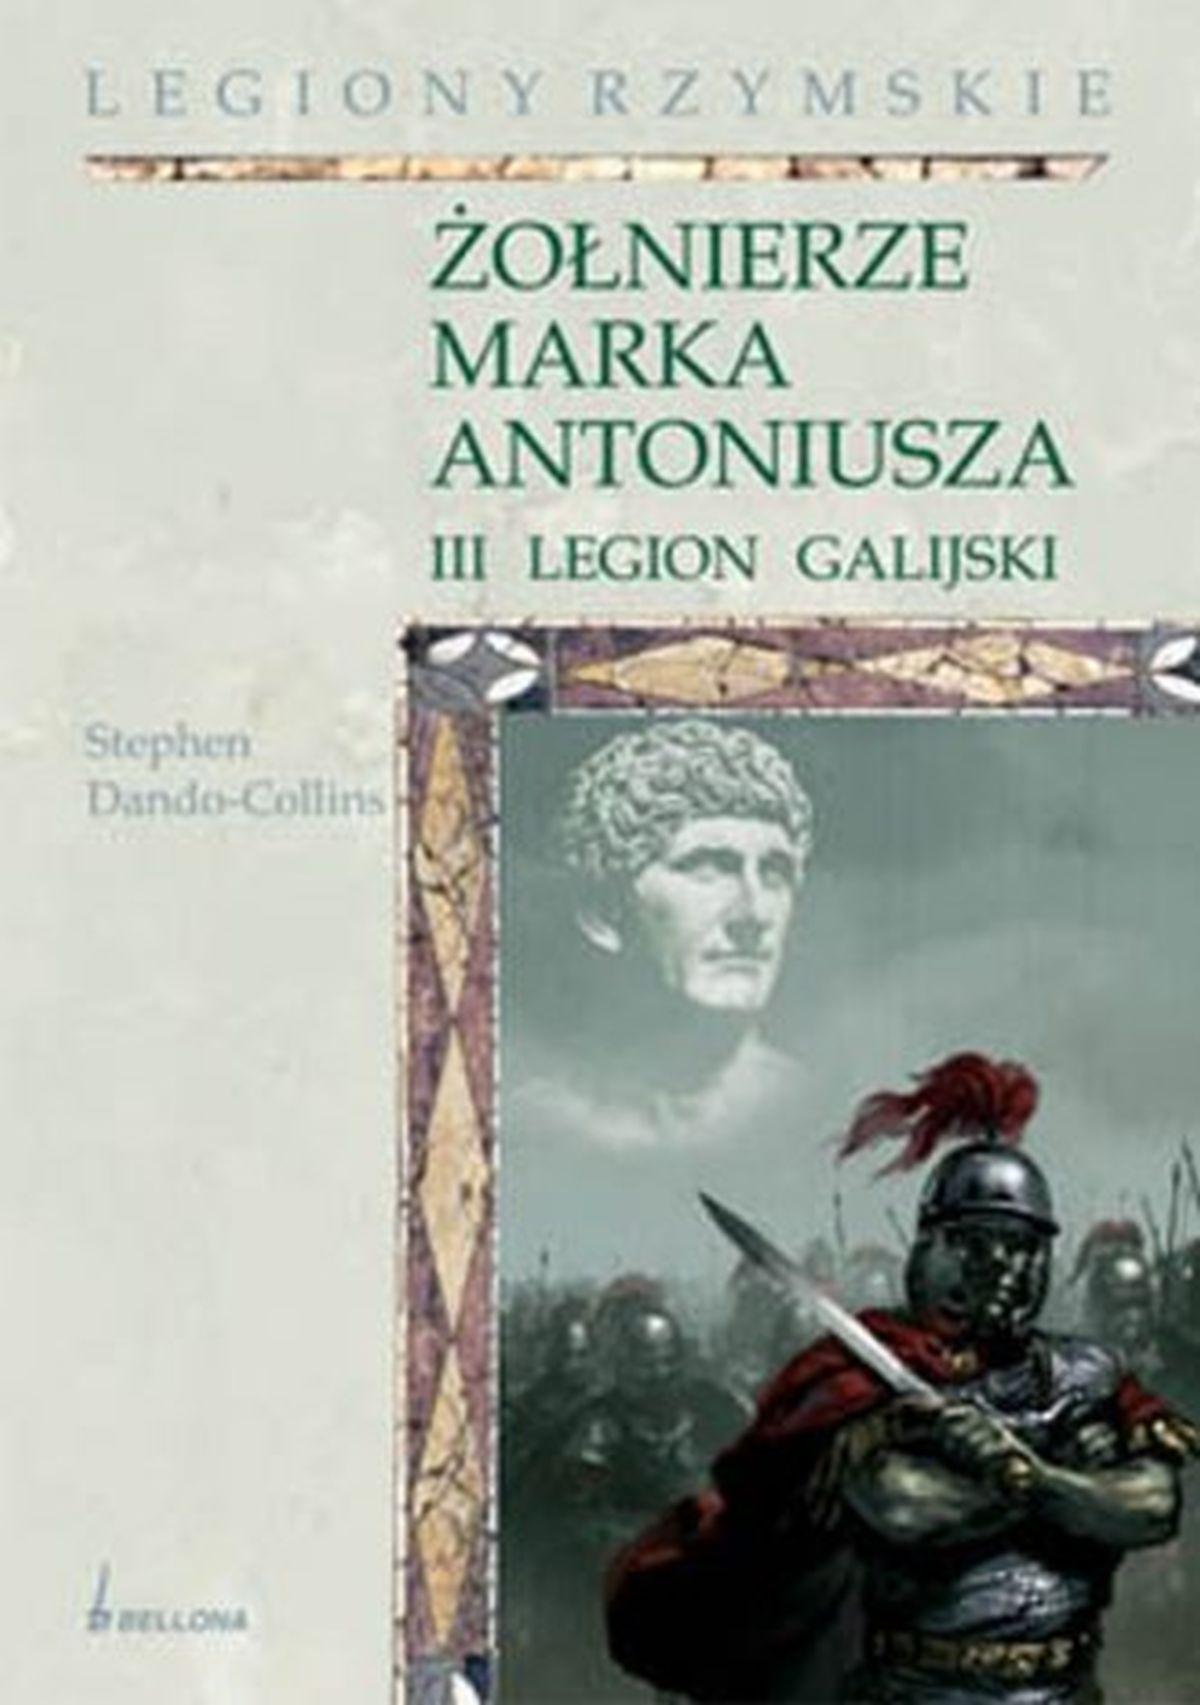 Żołnierze Marka Antoniusza